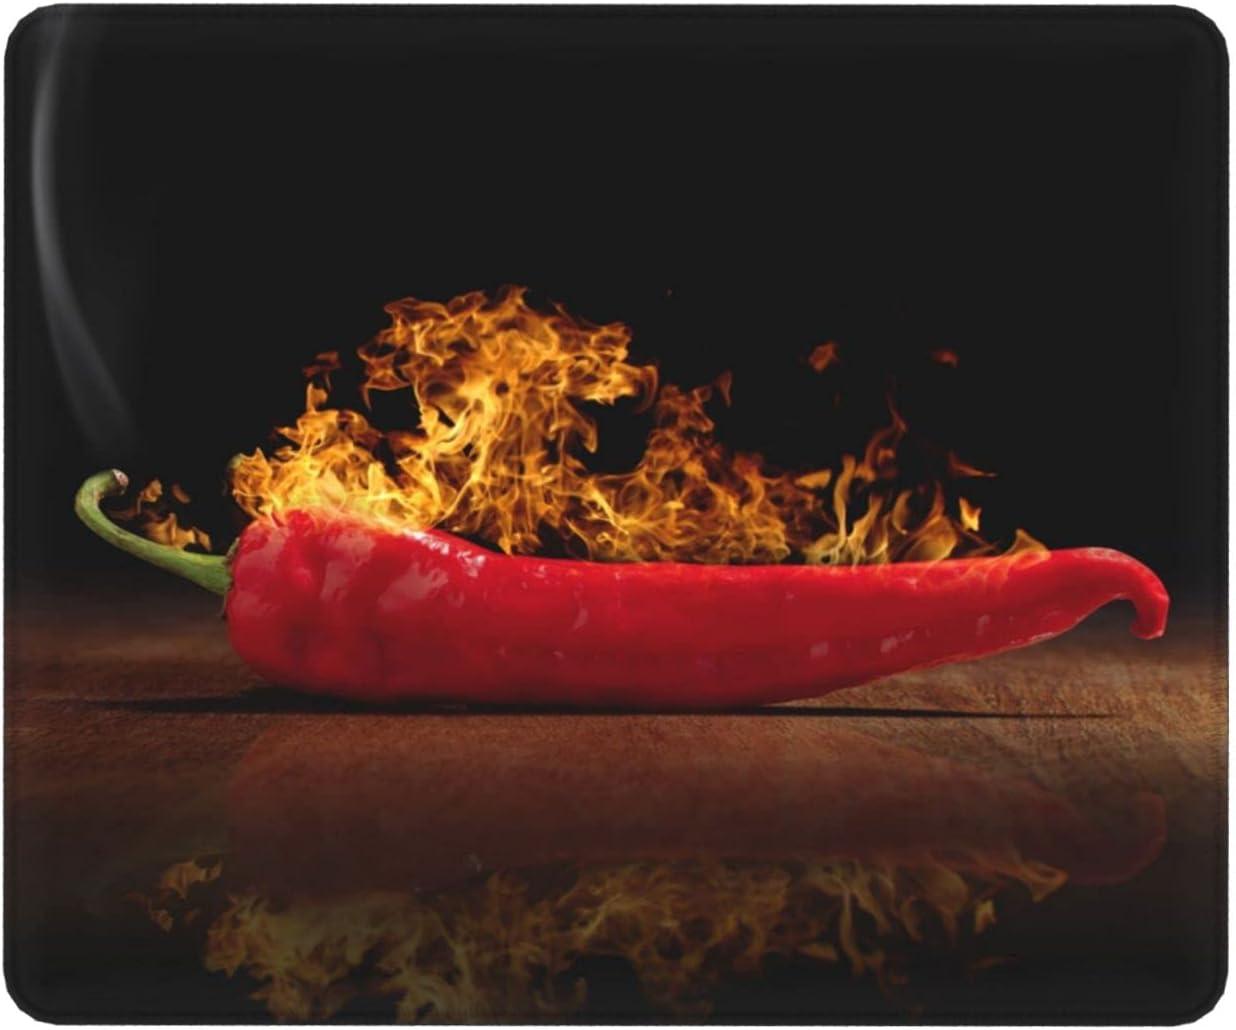 Charlotte Mall Fire Pepper Chili Mouse Max 77% OFF Pad Rubber Mat Stitc Non-Slip with